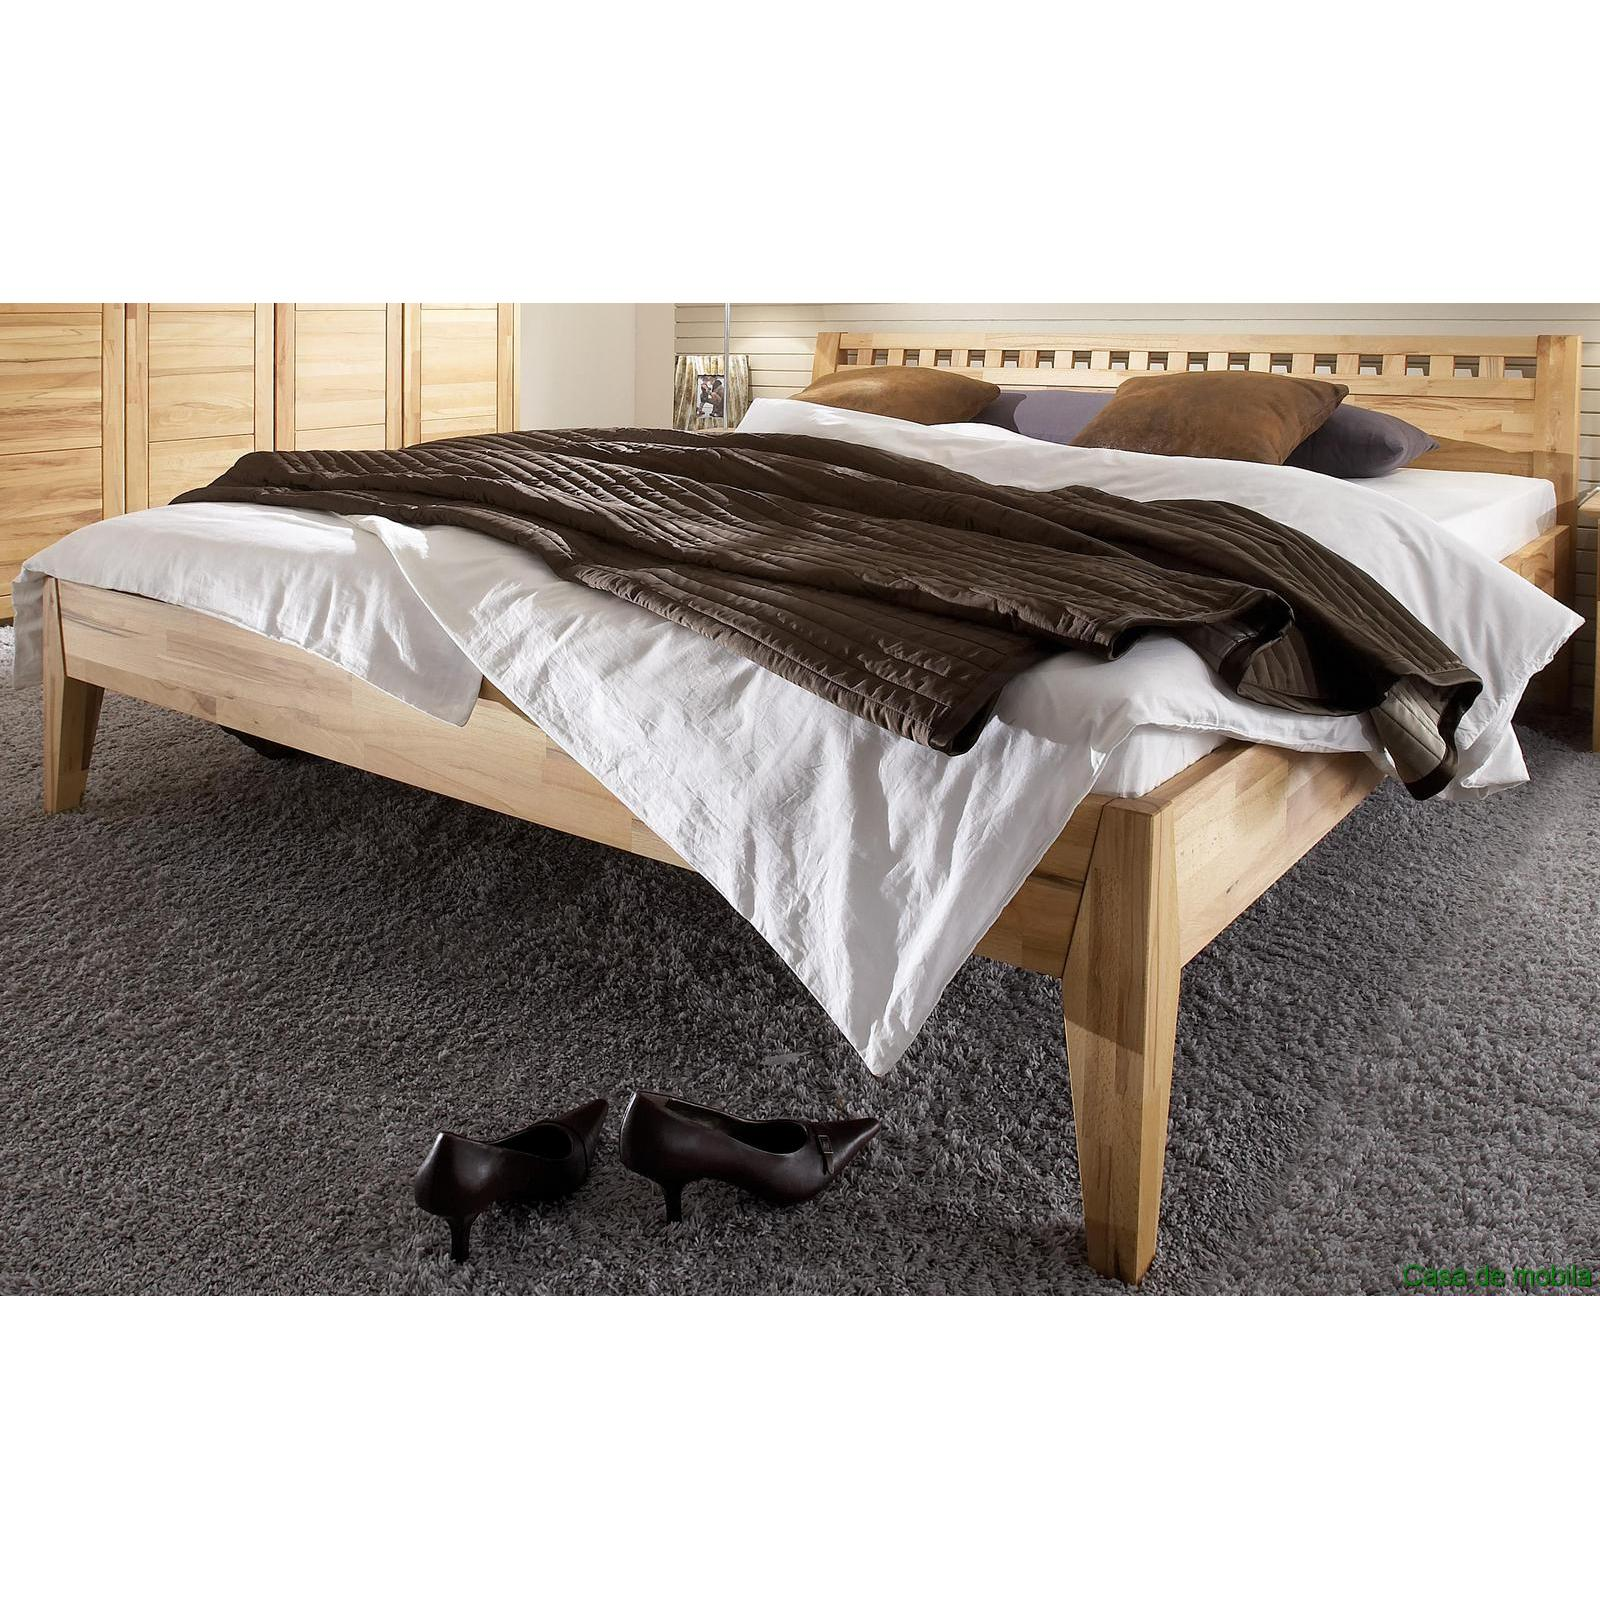 Schlafzimmer komplett Kernbuche massiv geölt DIANA II - Bett 160x200